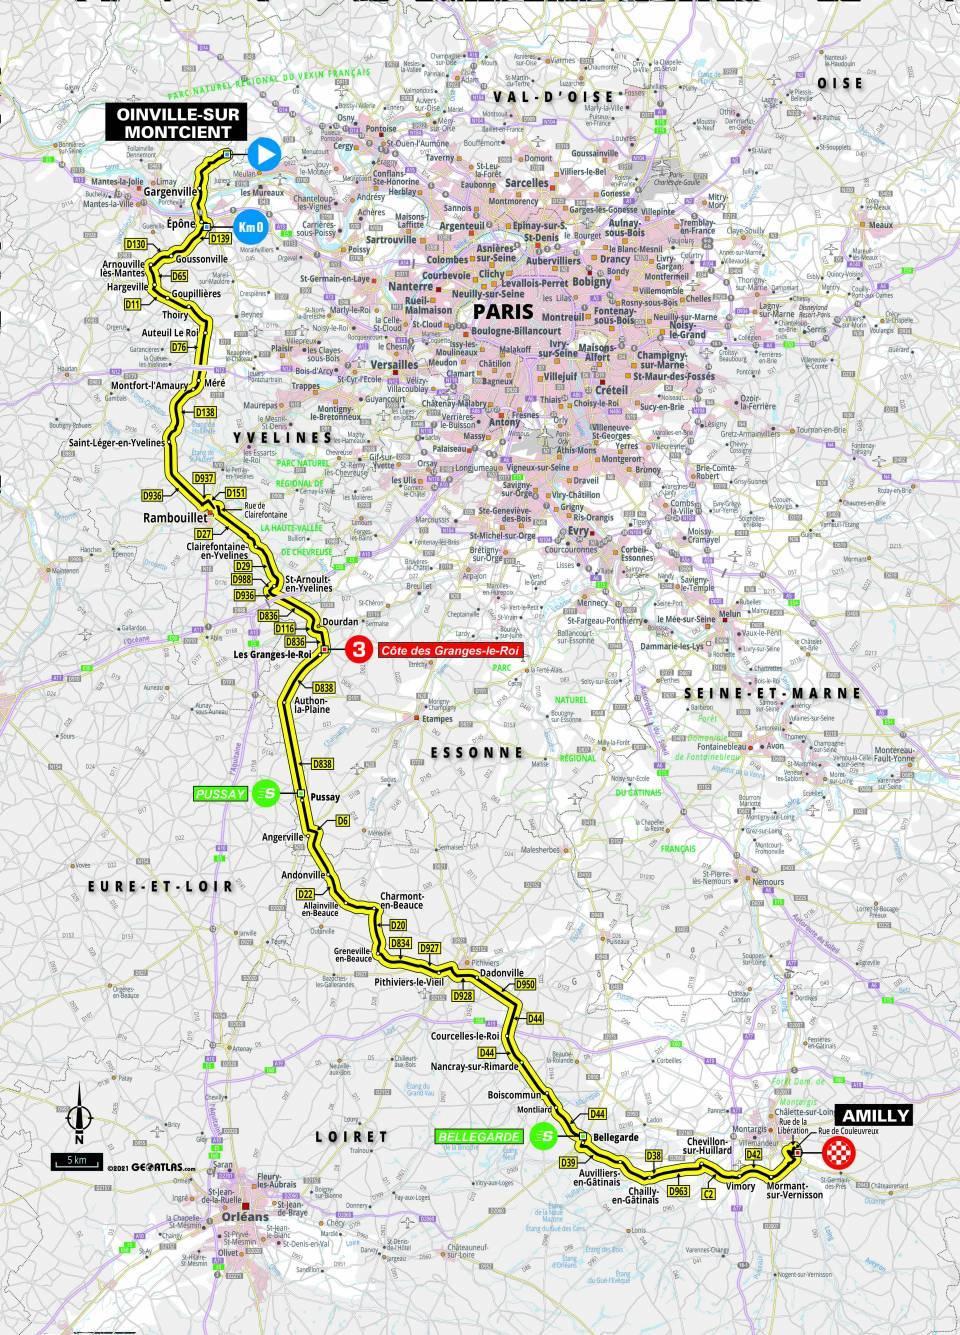 Paris-Nice stage 2